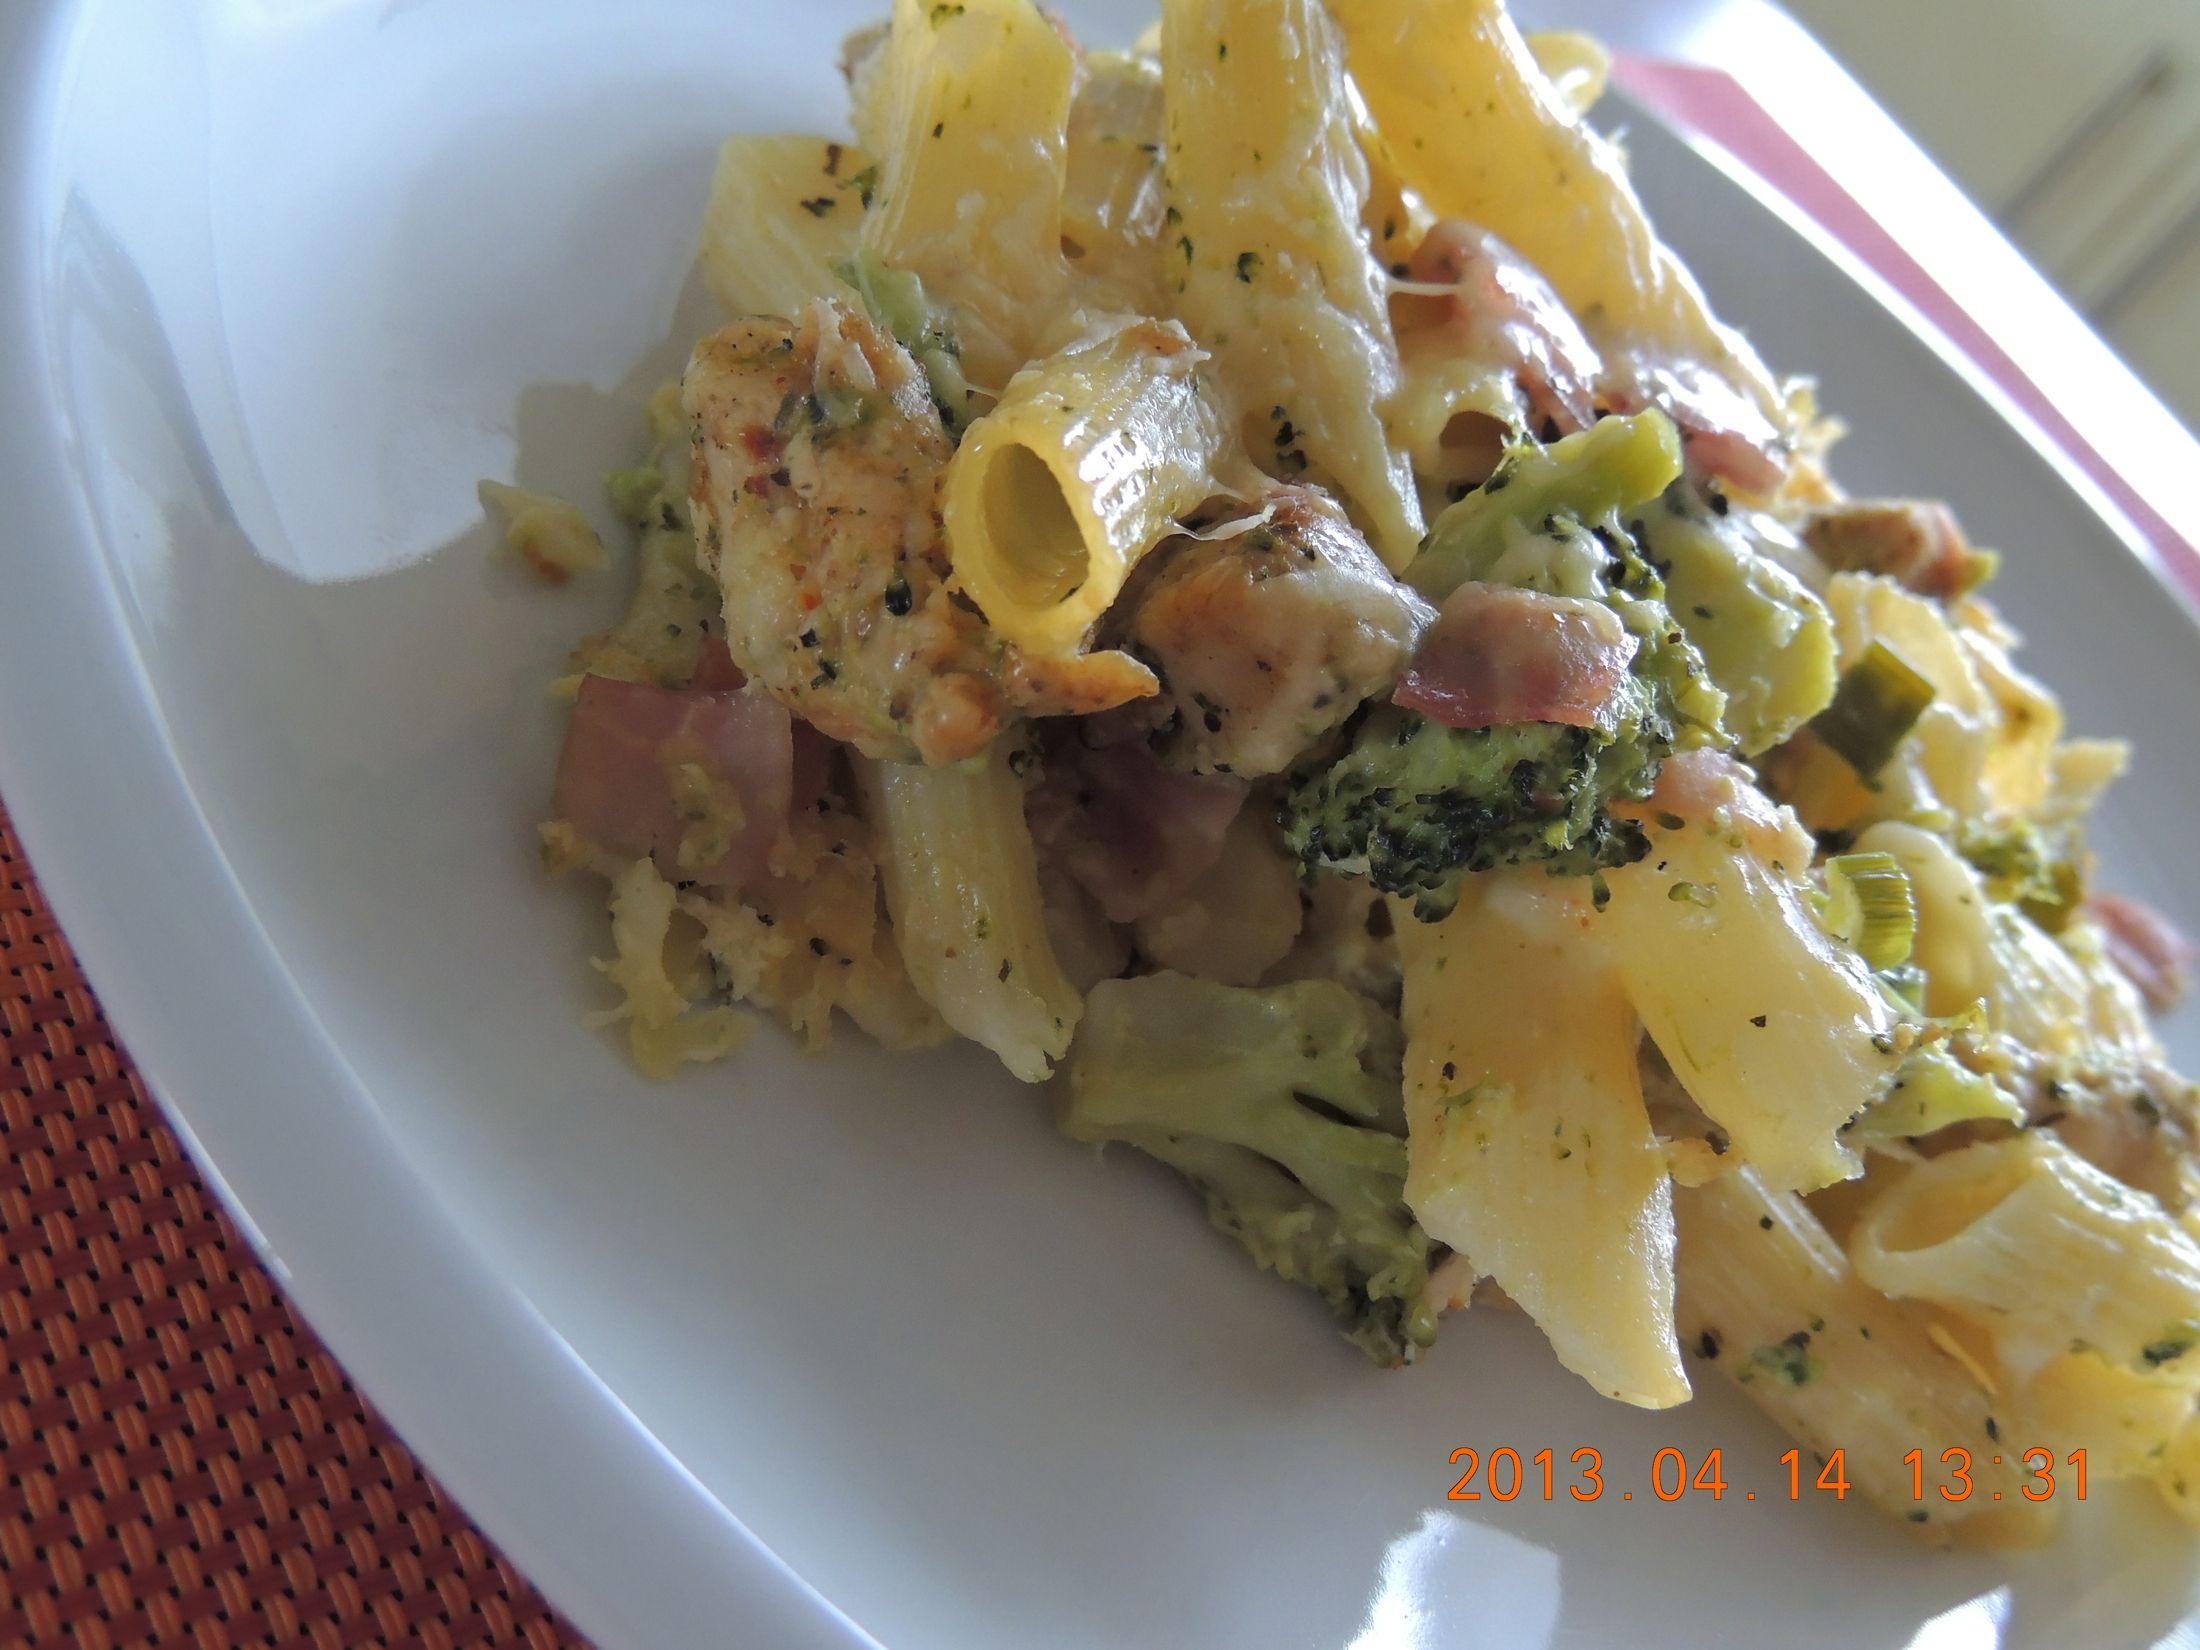 Recept Brokolice s těstovinami - Brokolice s těstovinami